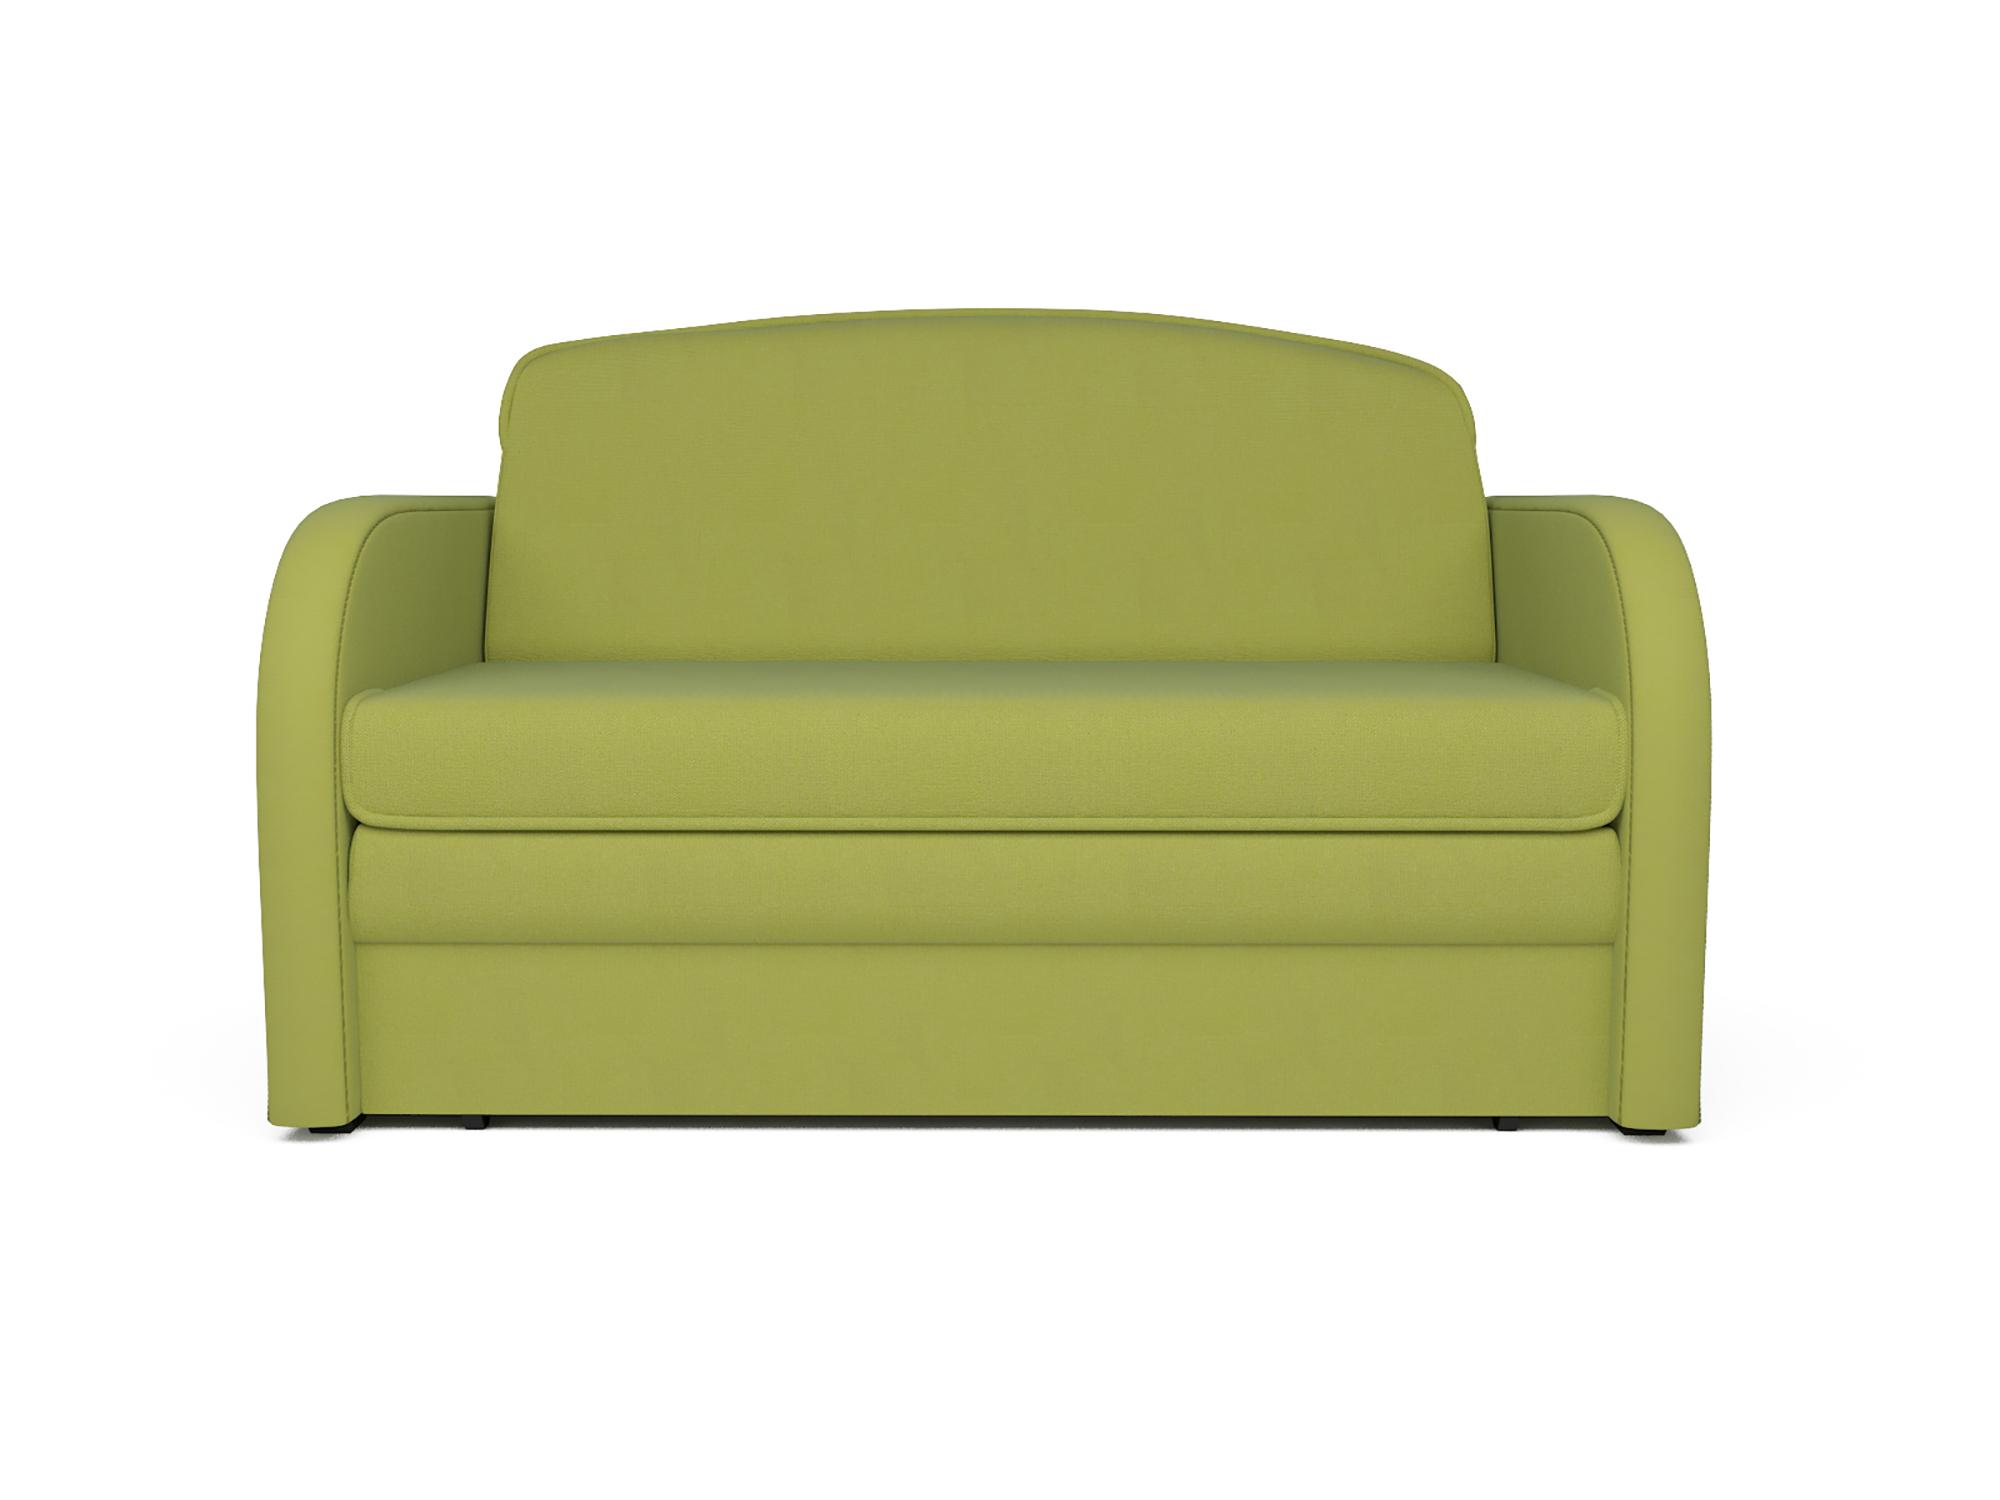 Фото - Диван Малютка Кармен MebelVia Зеленый, Рогожка, Брус сосны диван малютка 2 mebelvia коричневый рогожка брус сосны